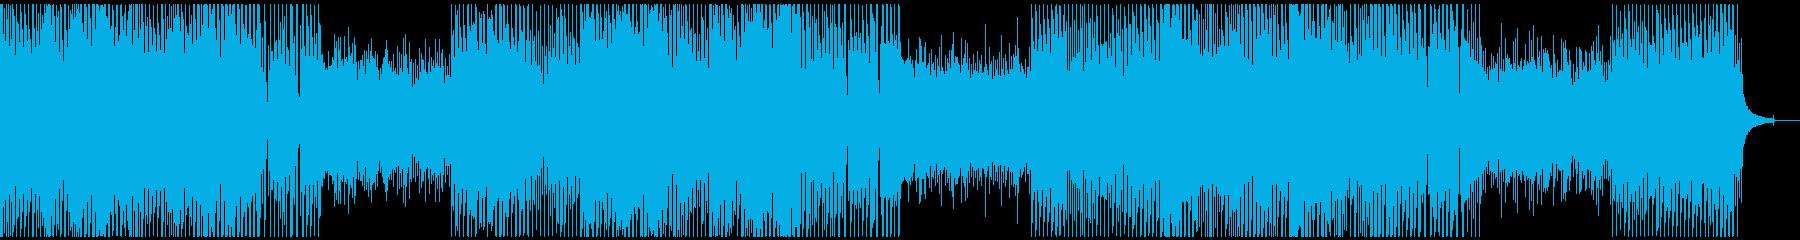 企業VP/さわやか/EDM/ピアノの再生済みの波形